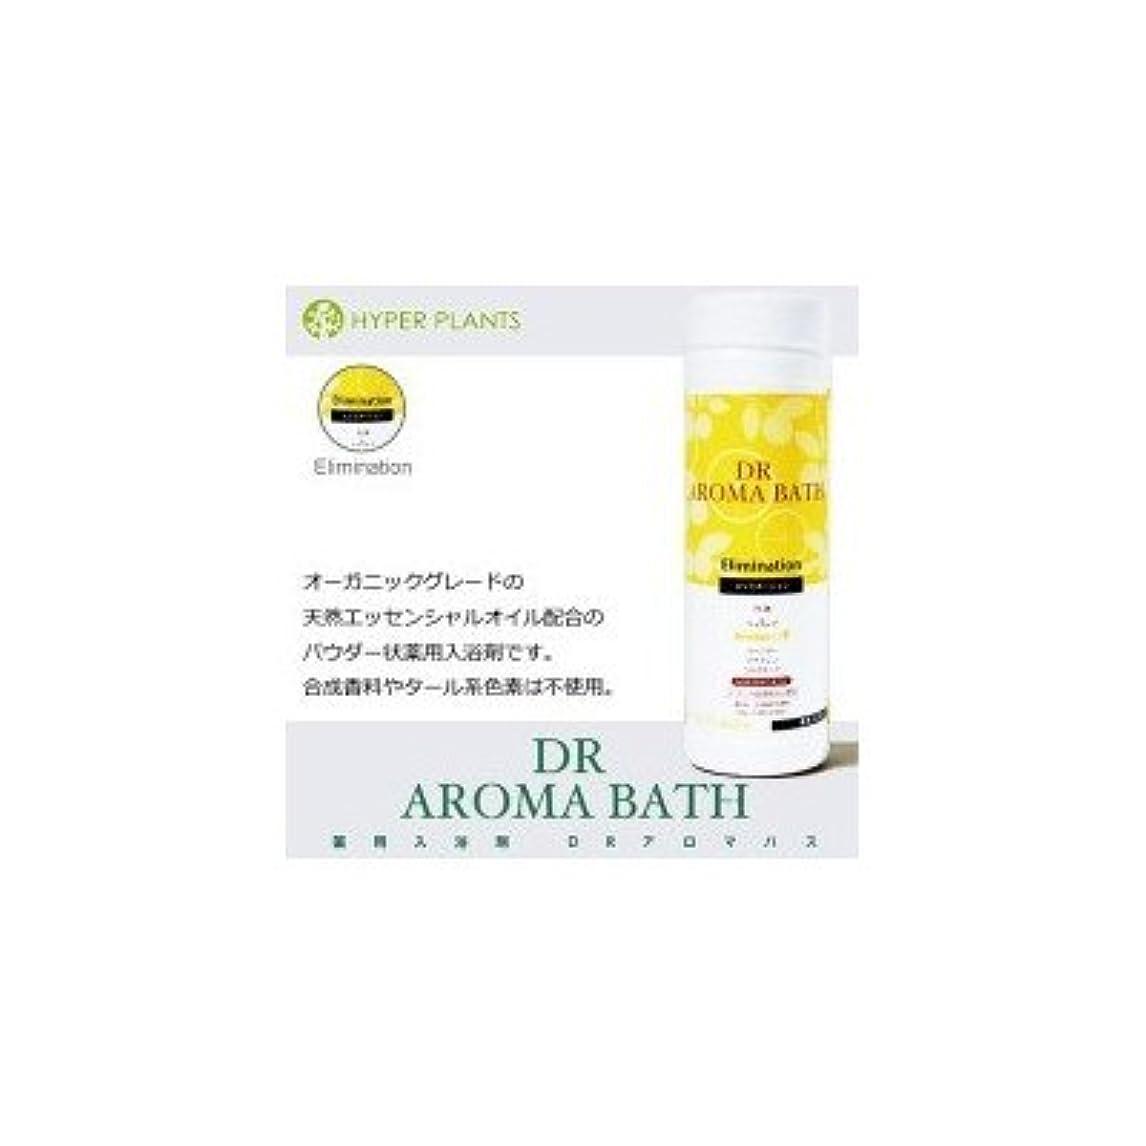 レッドデート許す間欠医薬部外品 薬用入浴剤 ハイパープランツ(HYPER PLANTS) DRアロマバス エリミネーション 500g HNB006